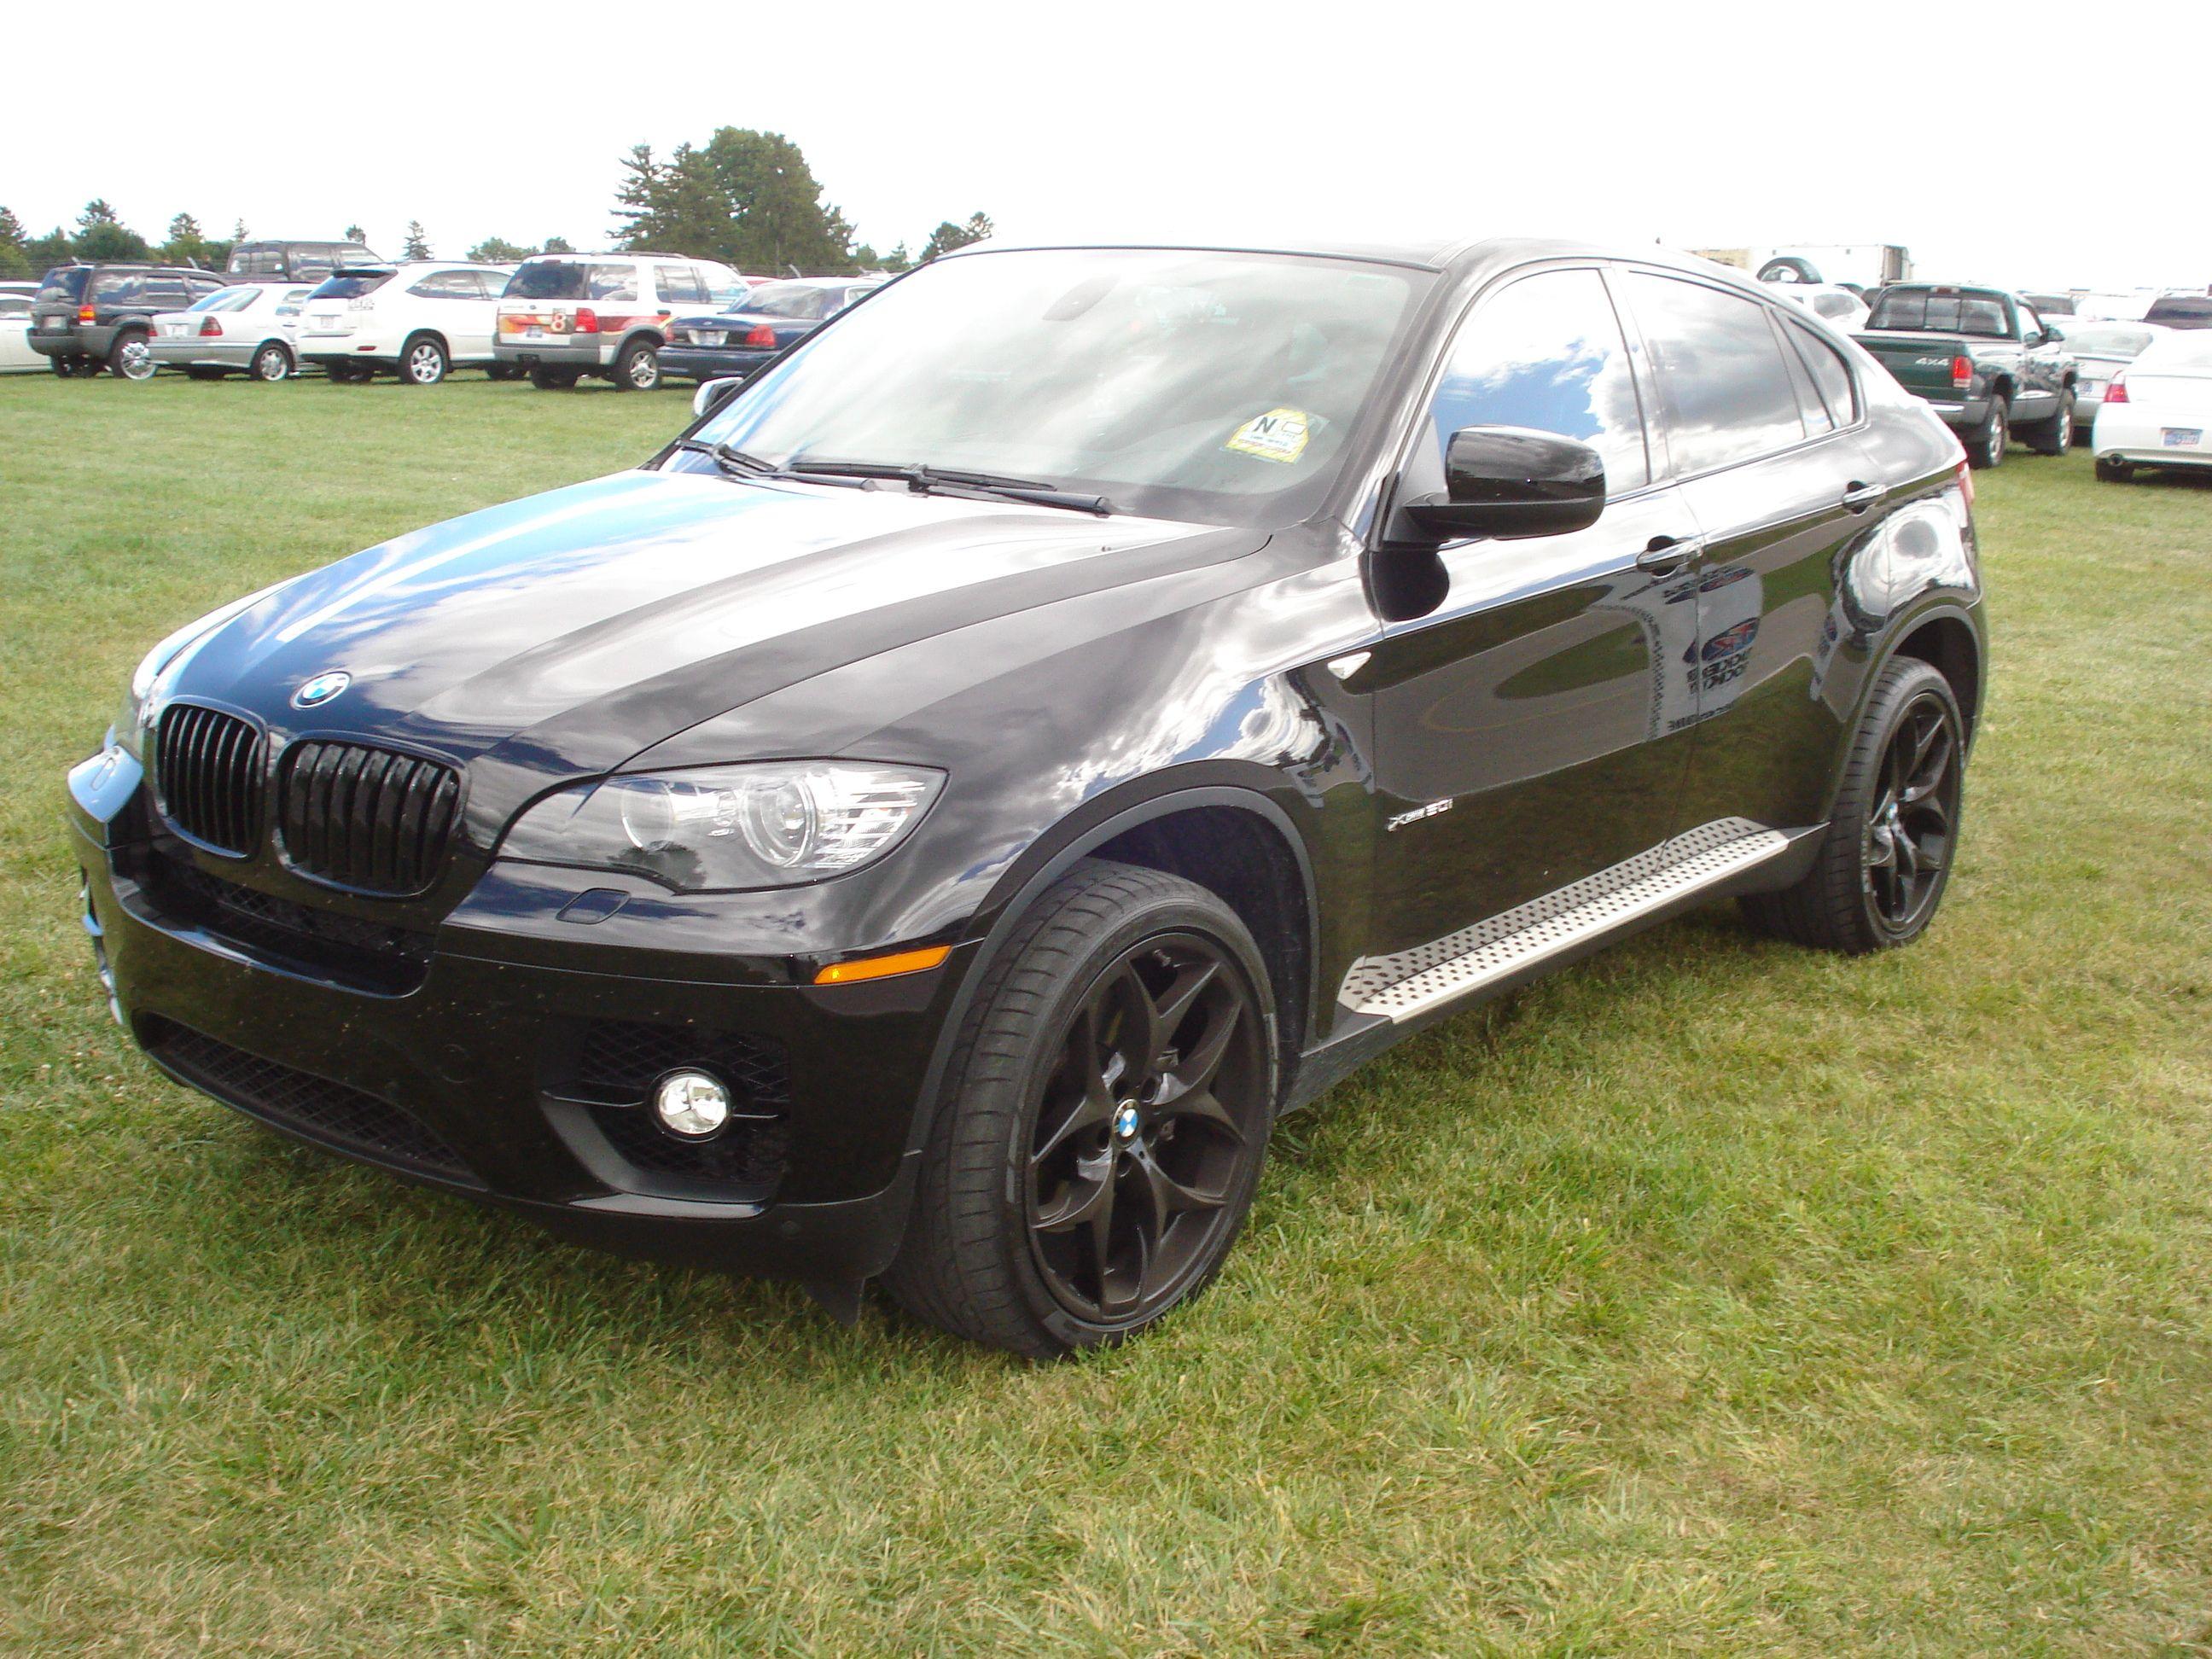 K&N Sportluftfilter BMW X6 Bmw, Suv models, Diesel cars